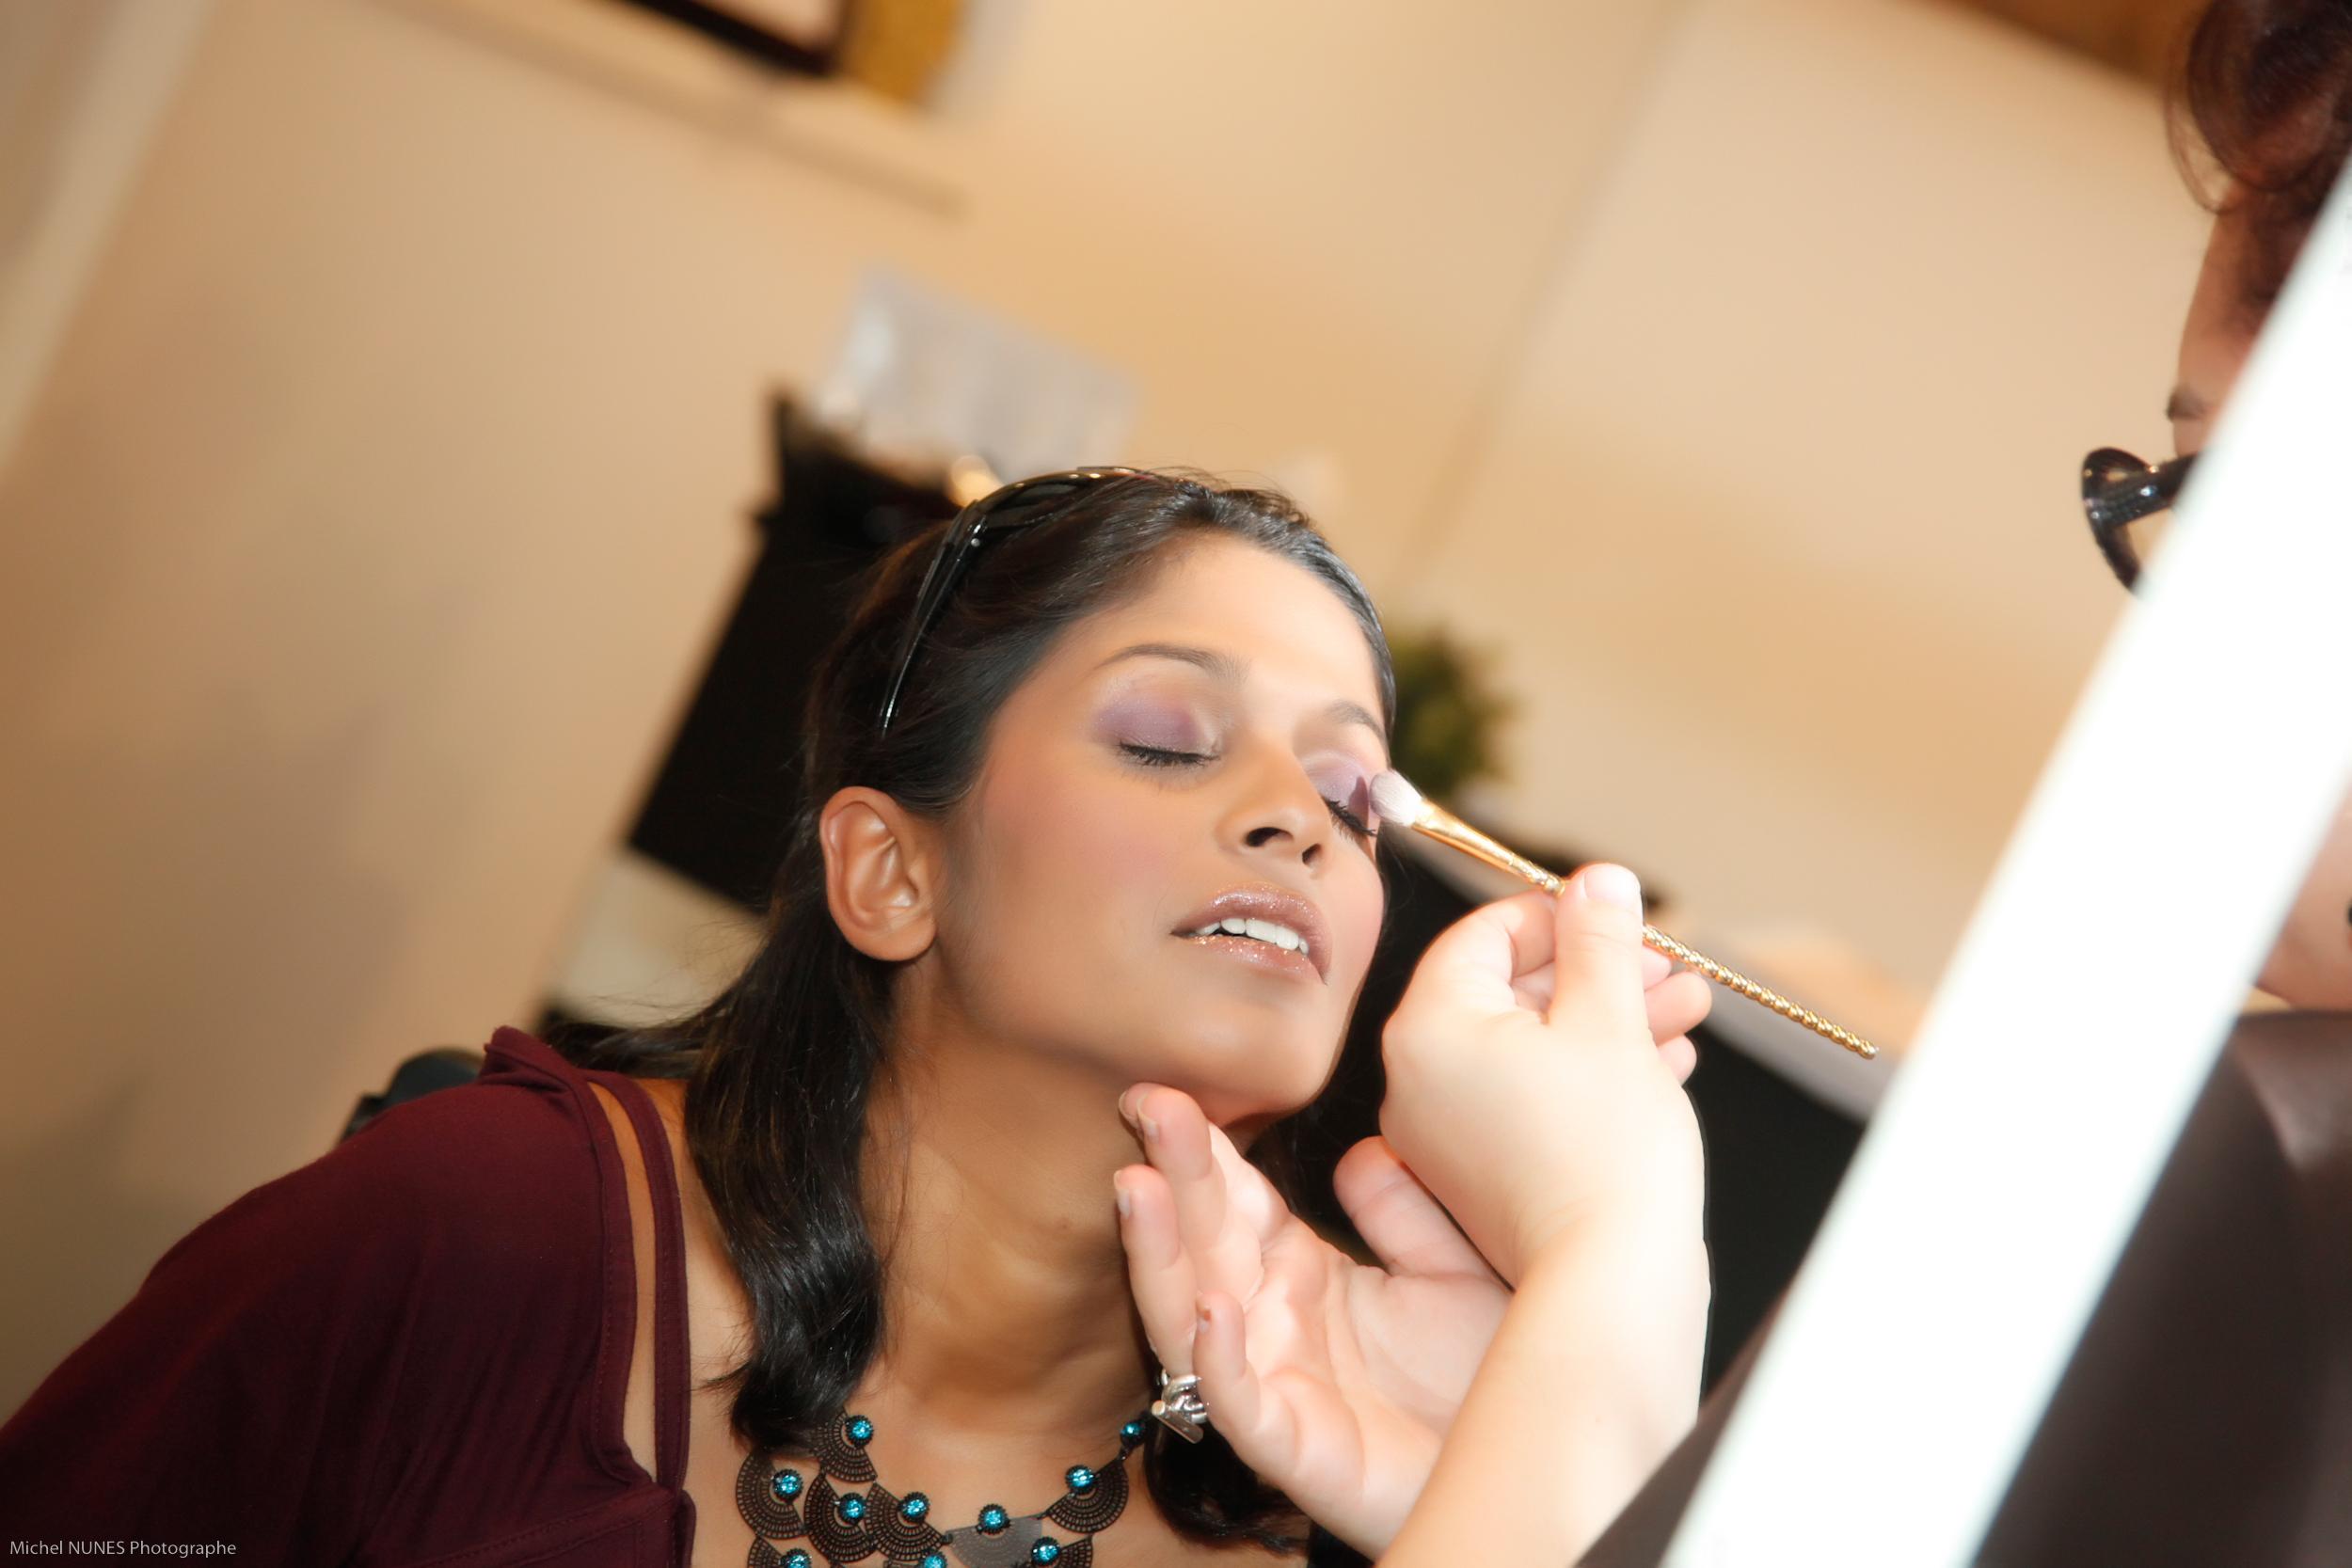 Cours d 39 auto maquillage montpellier salon de coiffure - Salon de coiffure africain montpellier ...